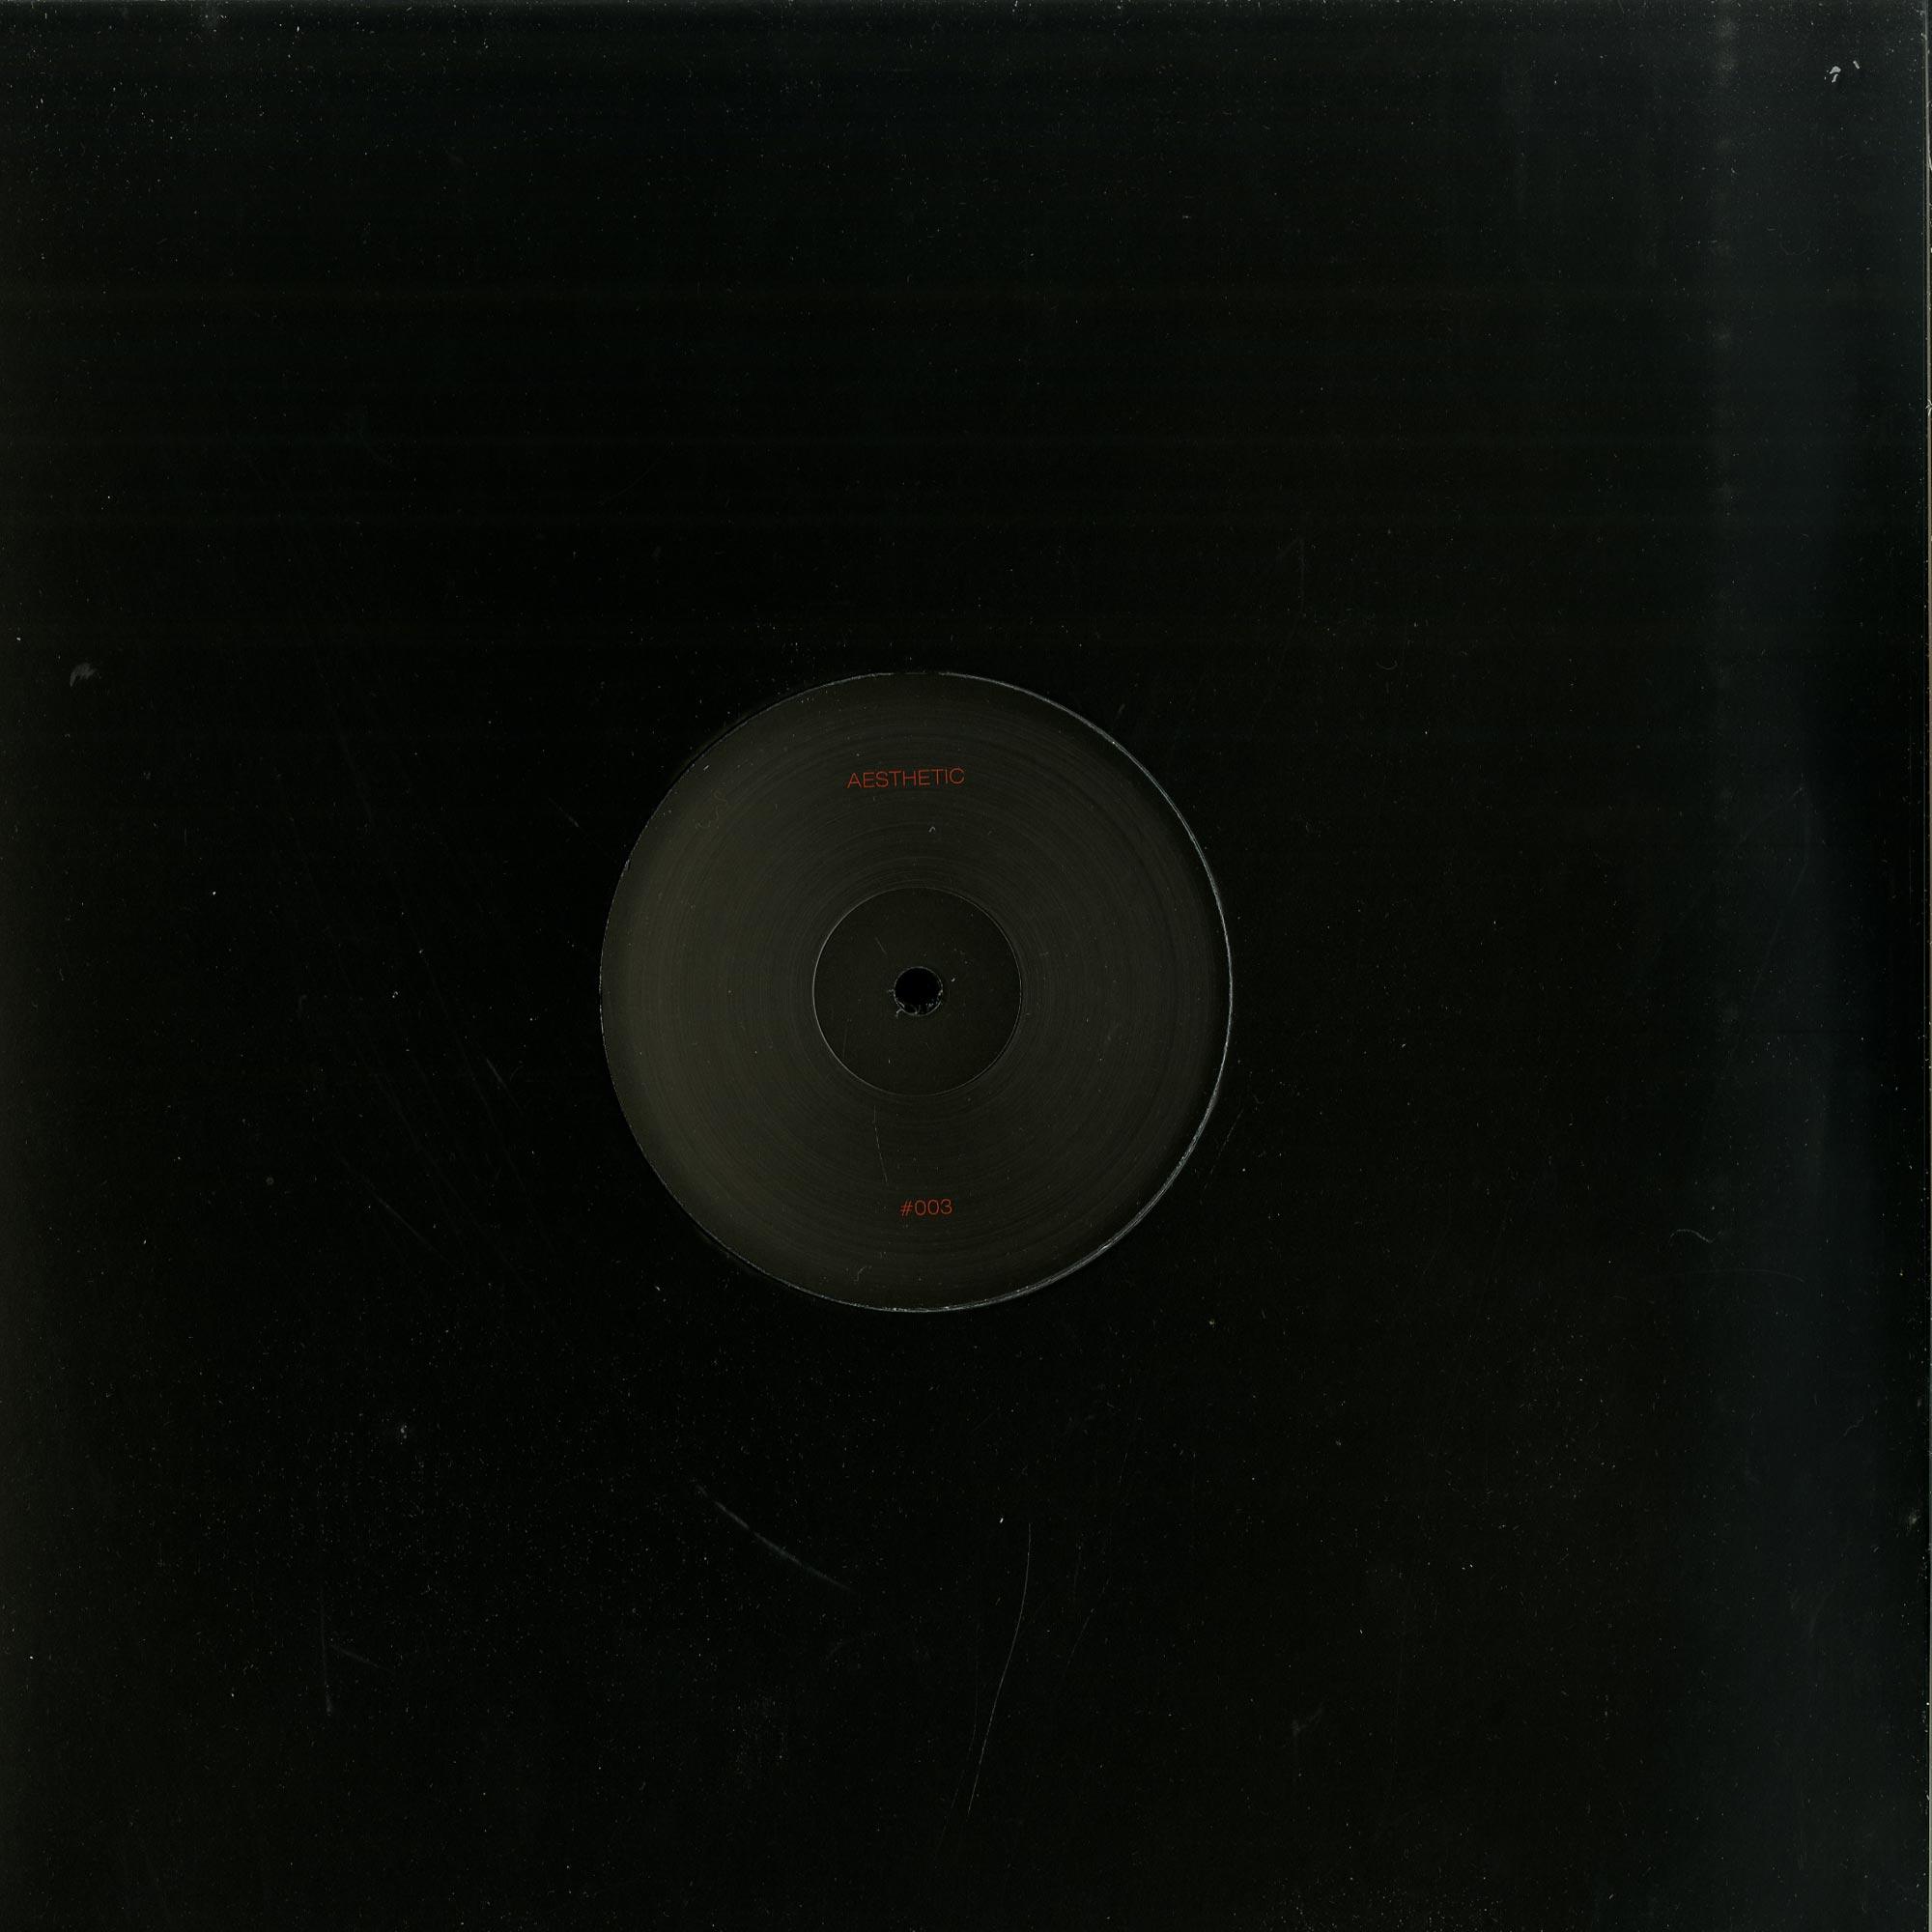 Swoy - AESTHETIC 03